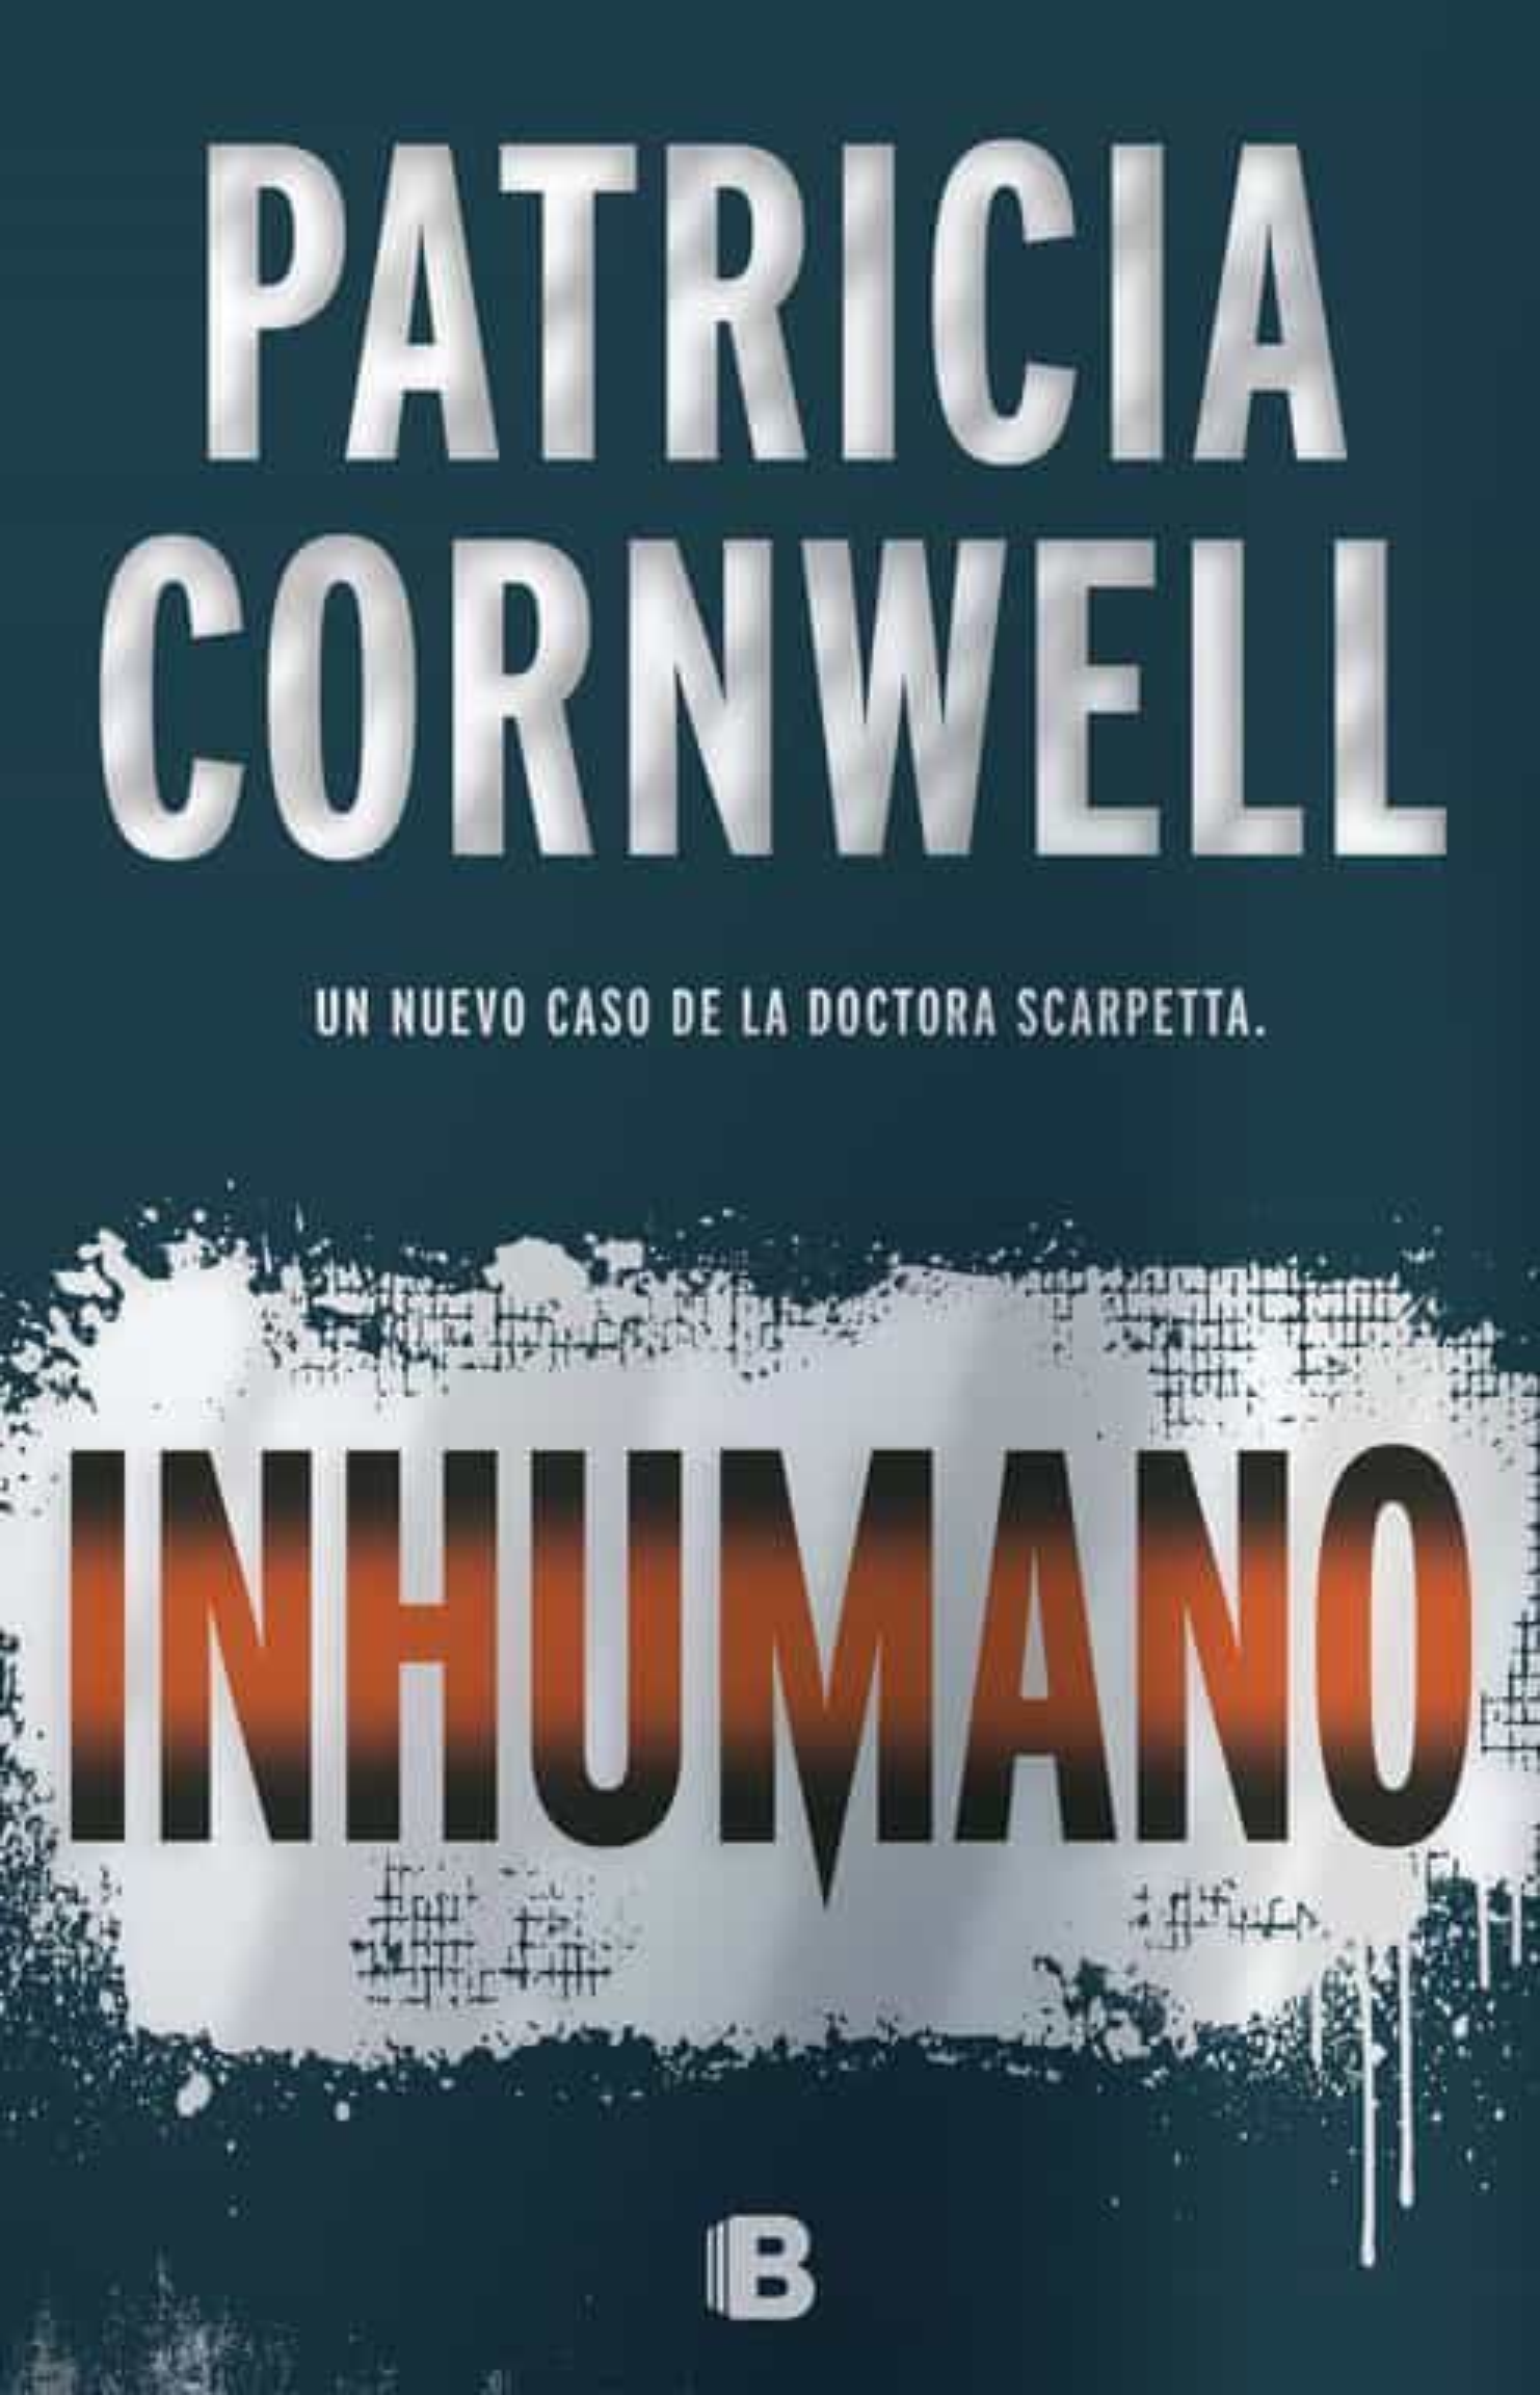 Resultado de imagen para PATRICIA CORNWELL Inhumano